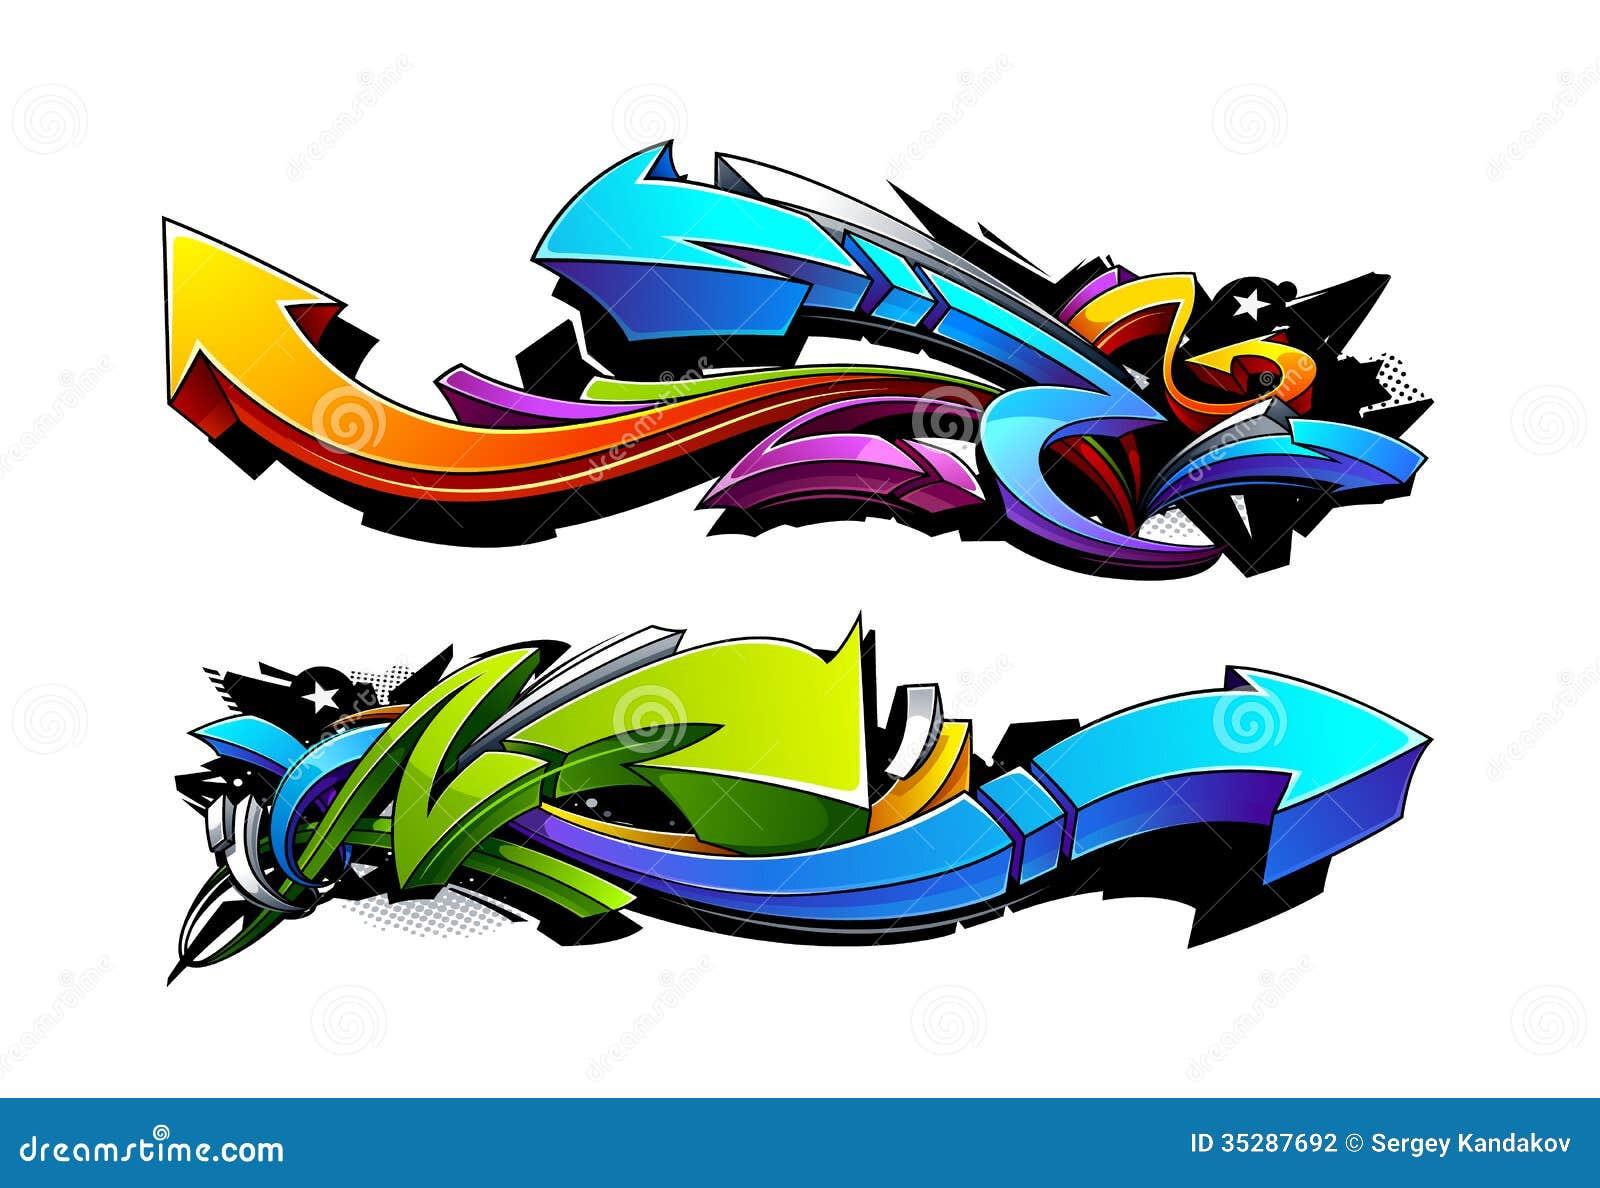 Дизайны стрелок граффити